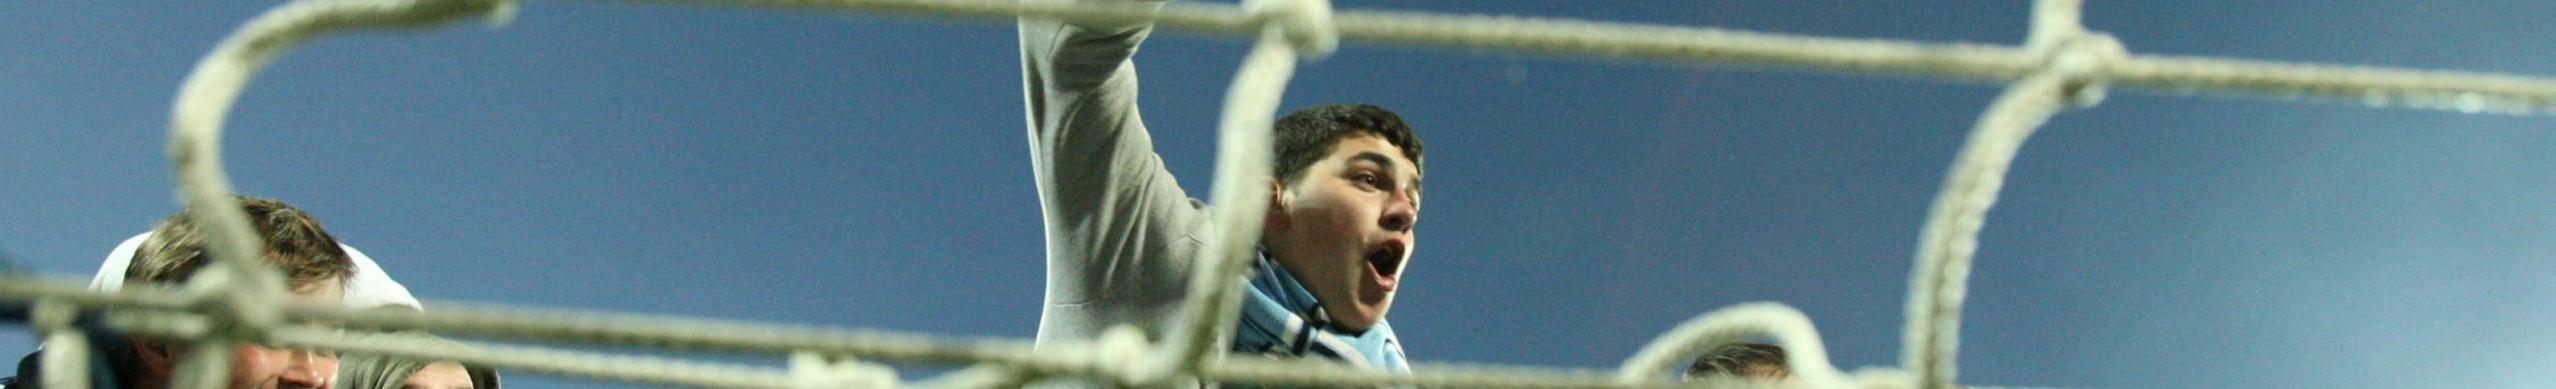 Isloch-Slutsk: nel posticipo la squadra di Minsk cerca la vetta